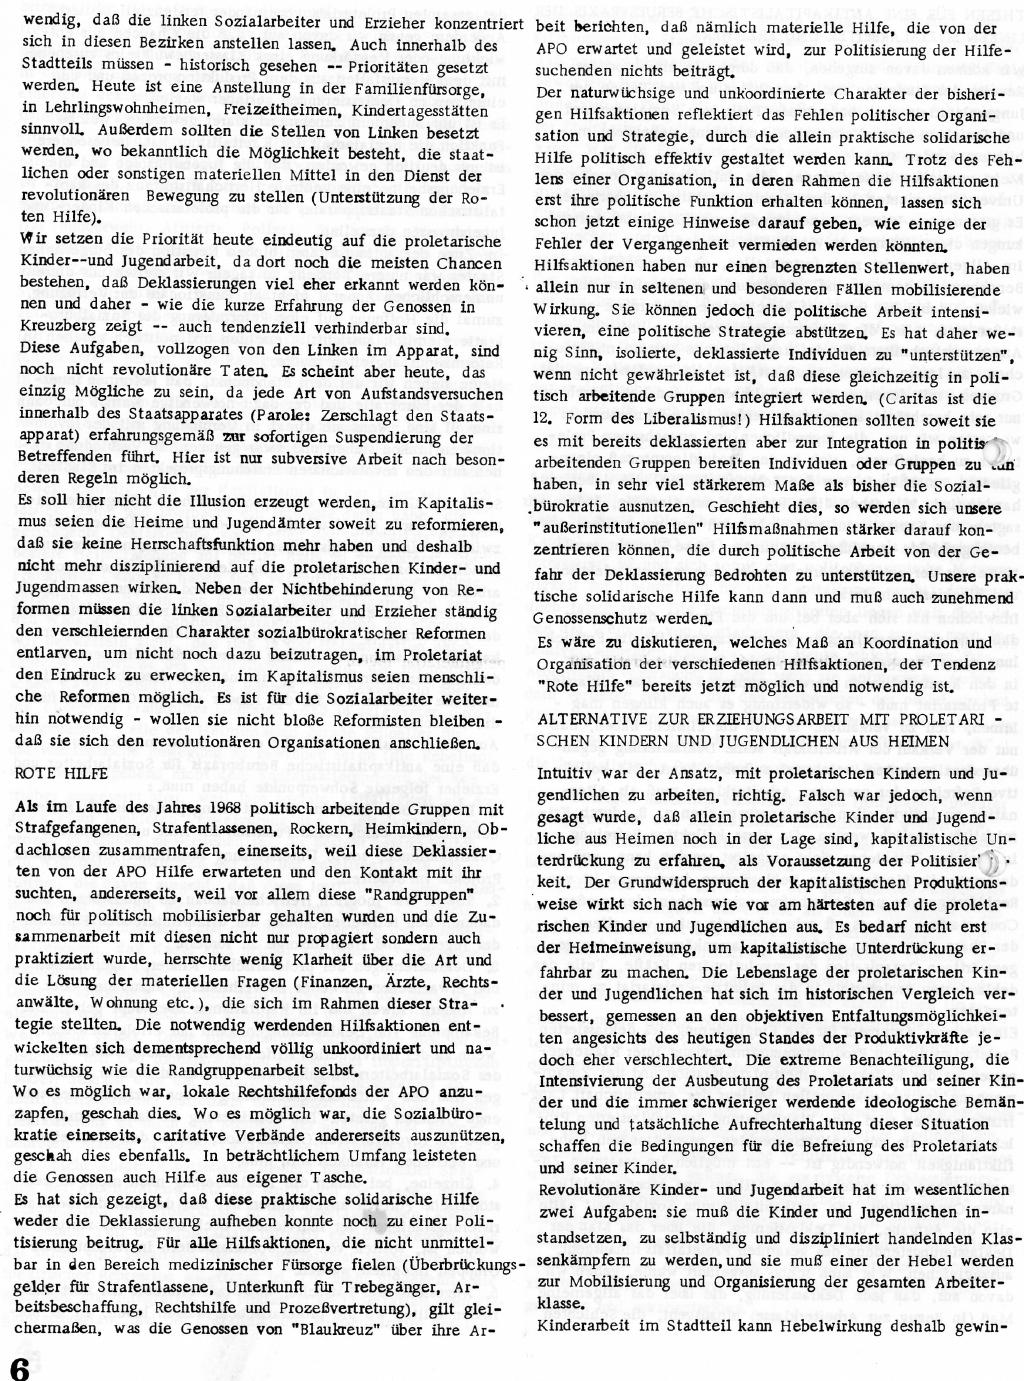 RPK_1970_054_06